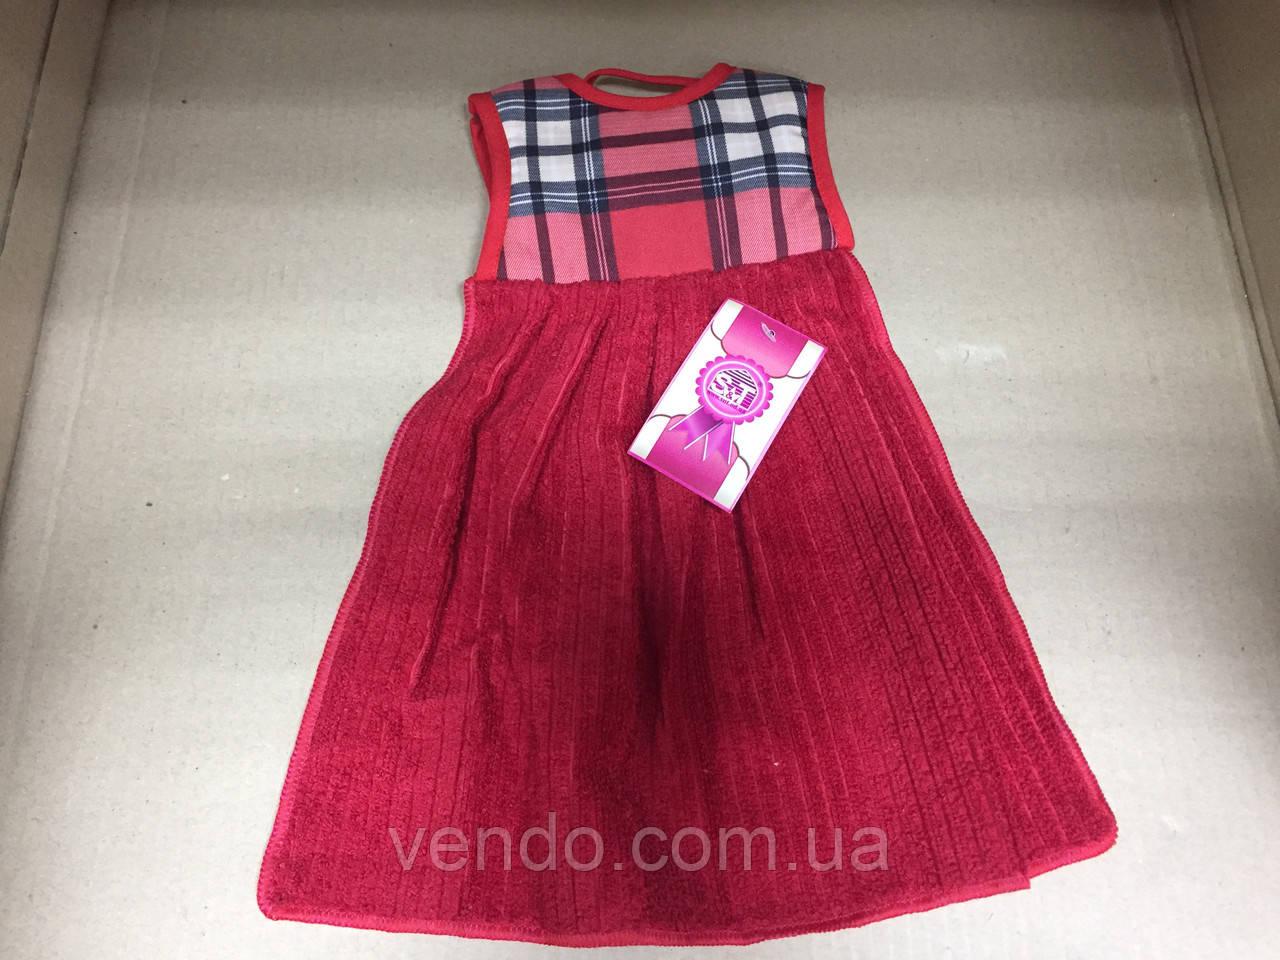 Полотенце платье для рук 34*30 см